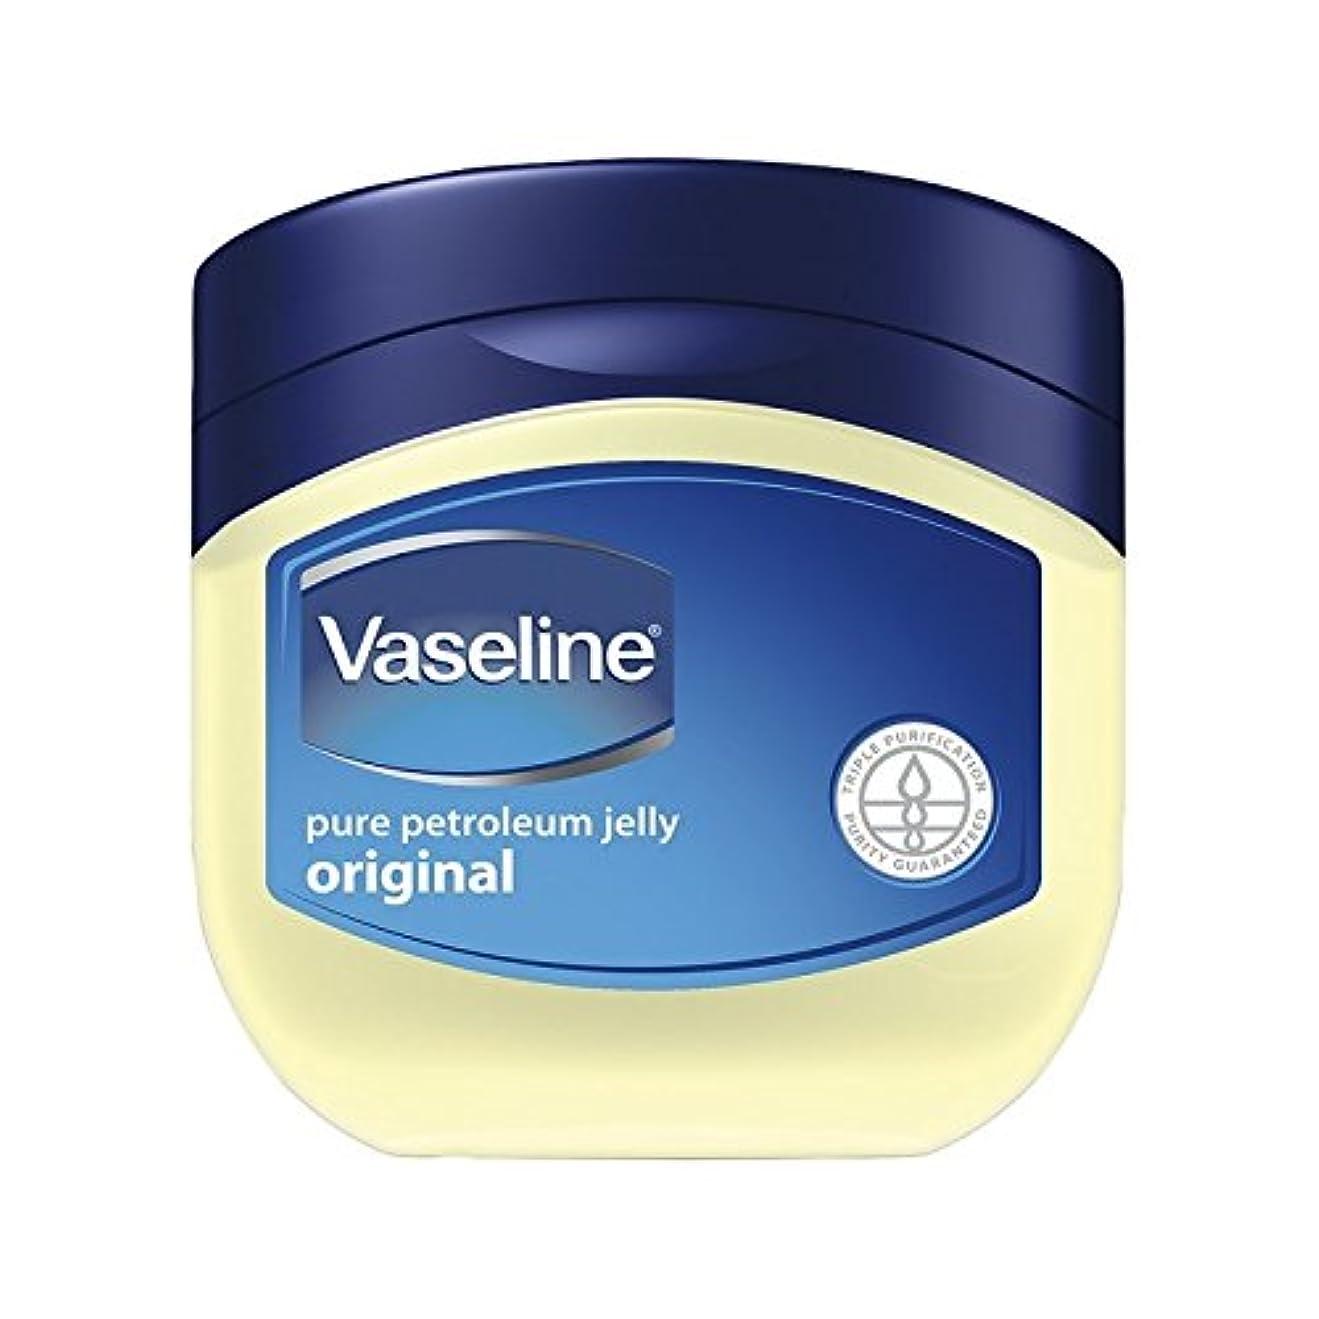 巻き取り加害者人類元石油ゼリー100ミリリットル (Vaseline) - Vaseline Original Petroleum Jelly 100ml [並行輸入品]